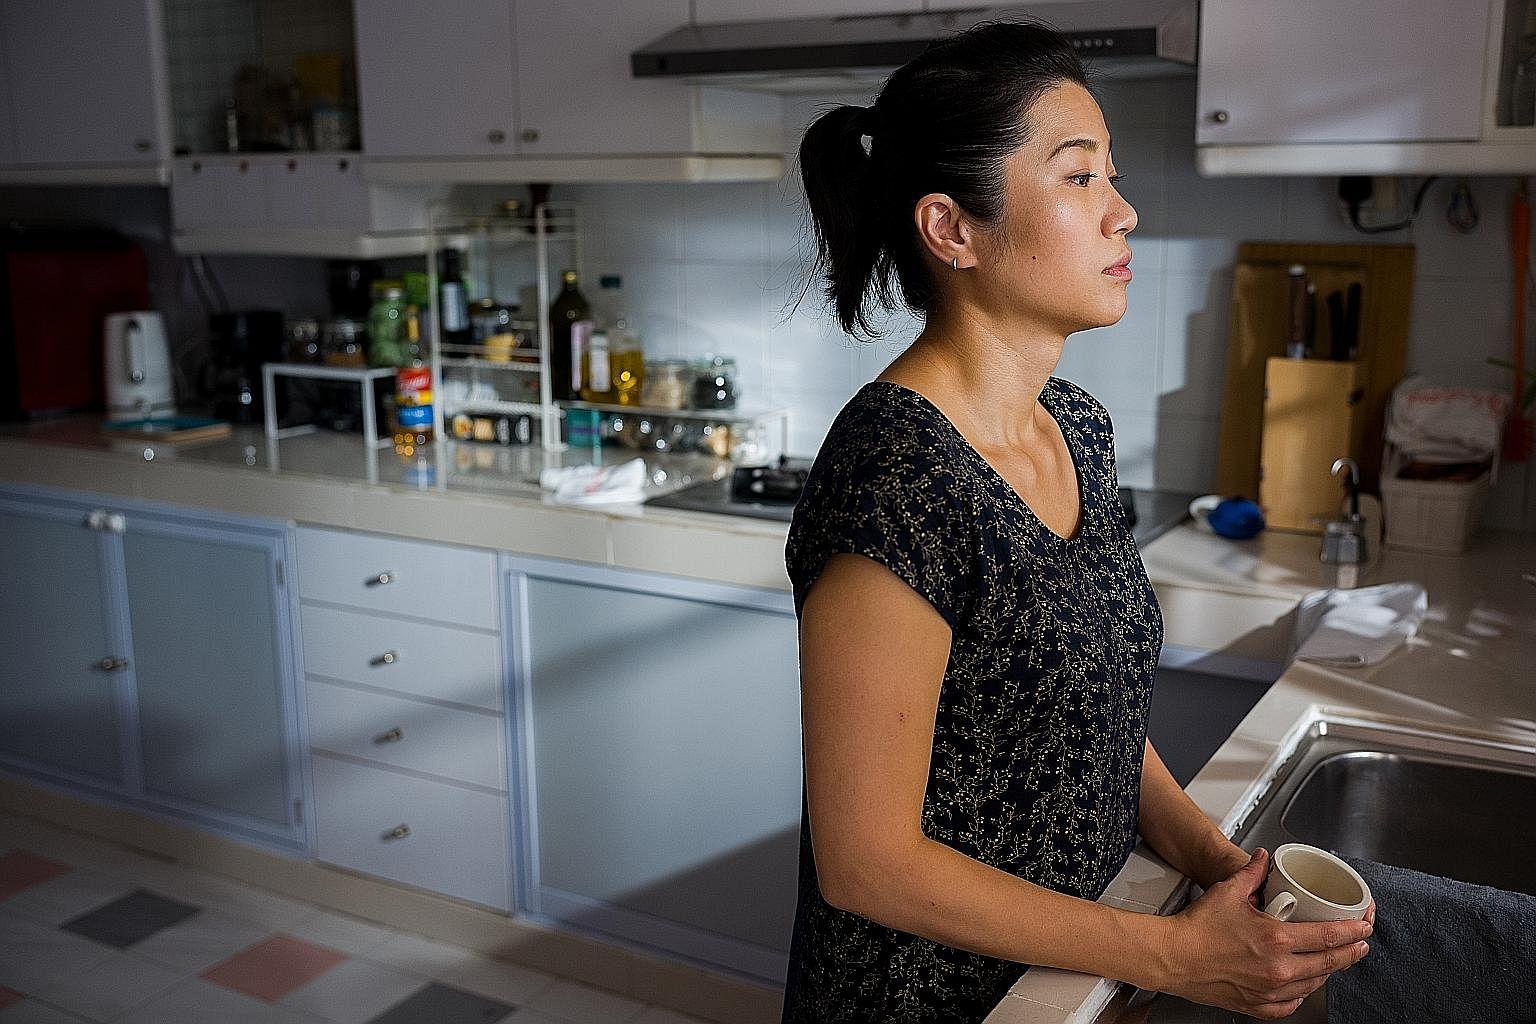 Soprano Akiko Otao, also L'arietta's co-founder and artistic director, singing Kopi For One.